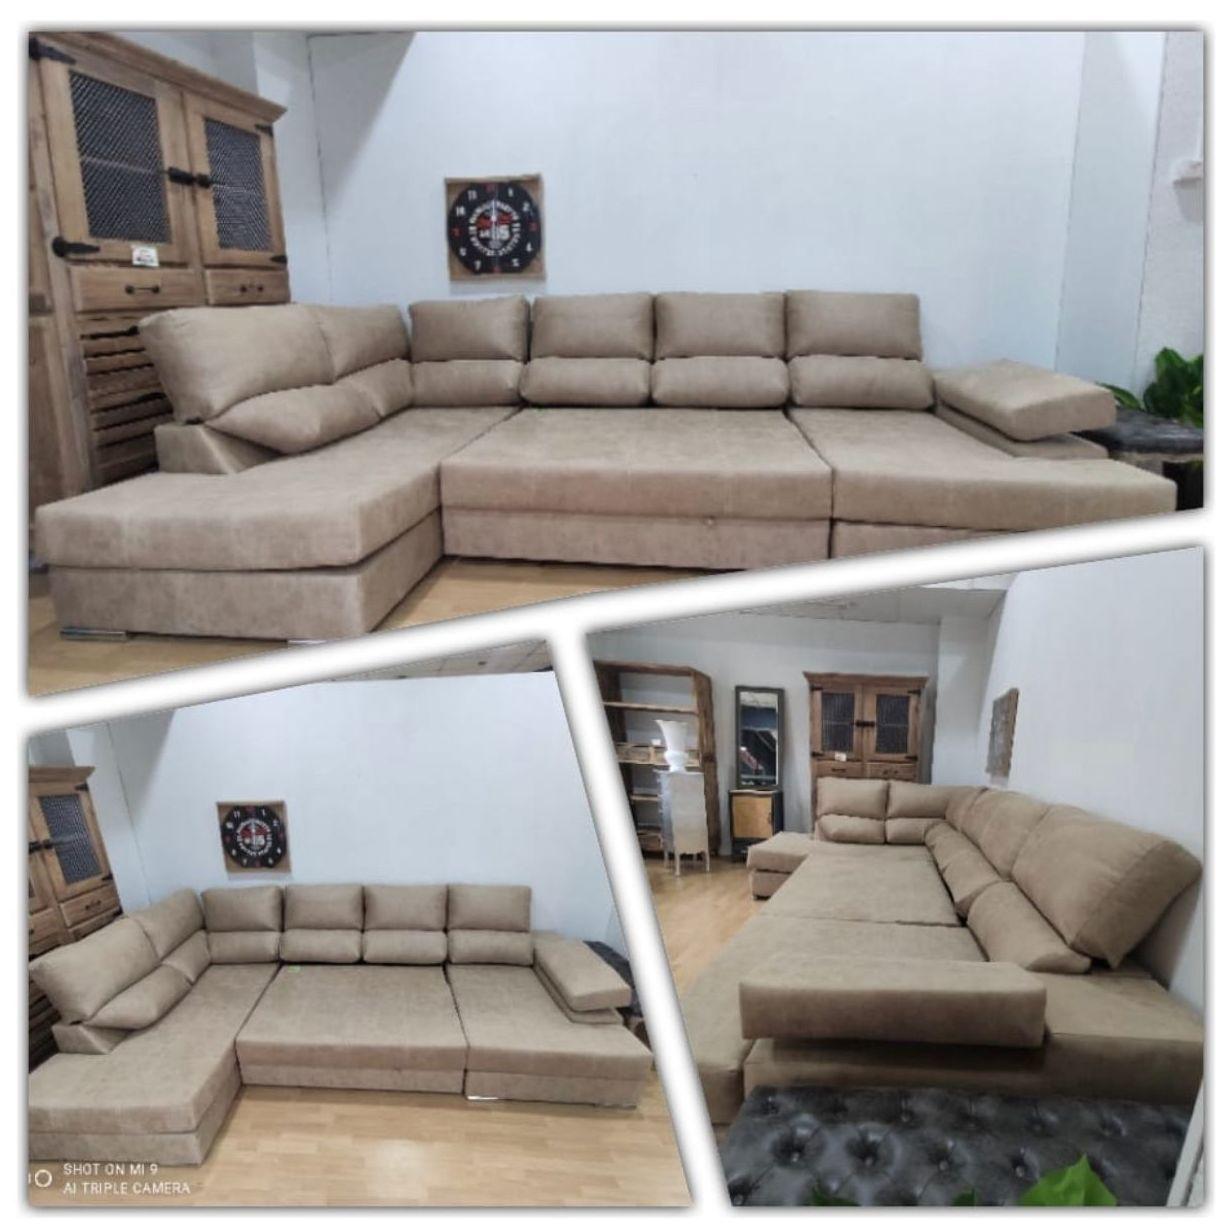 Venta de sofás en Valencia